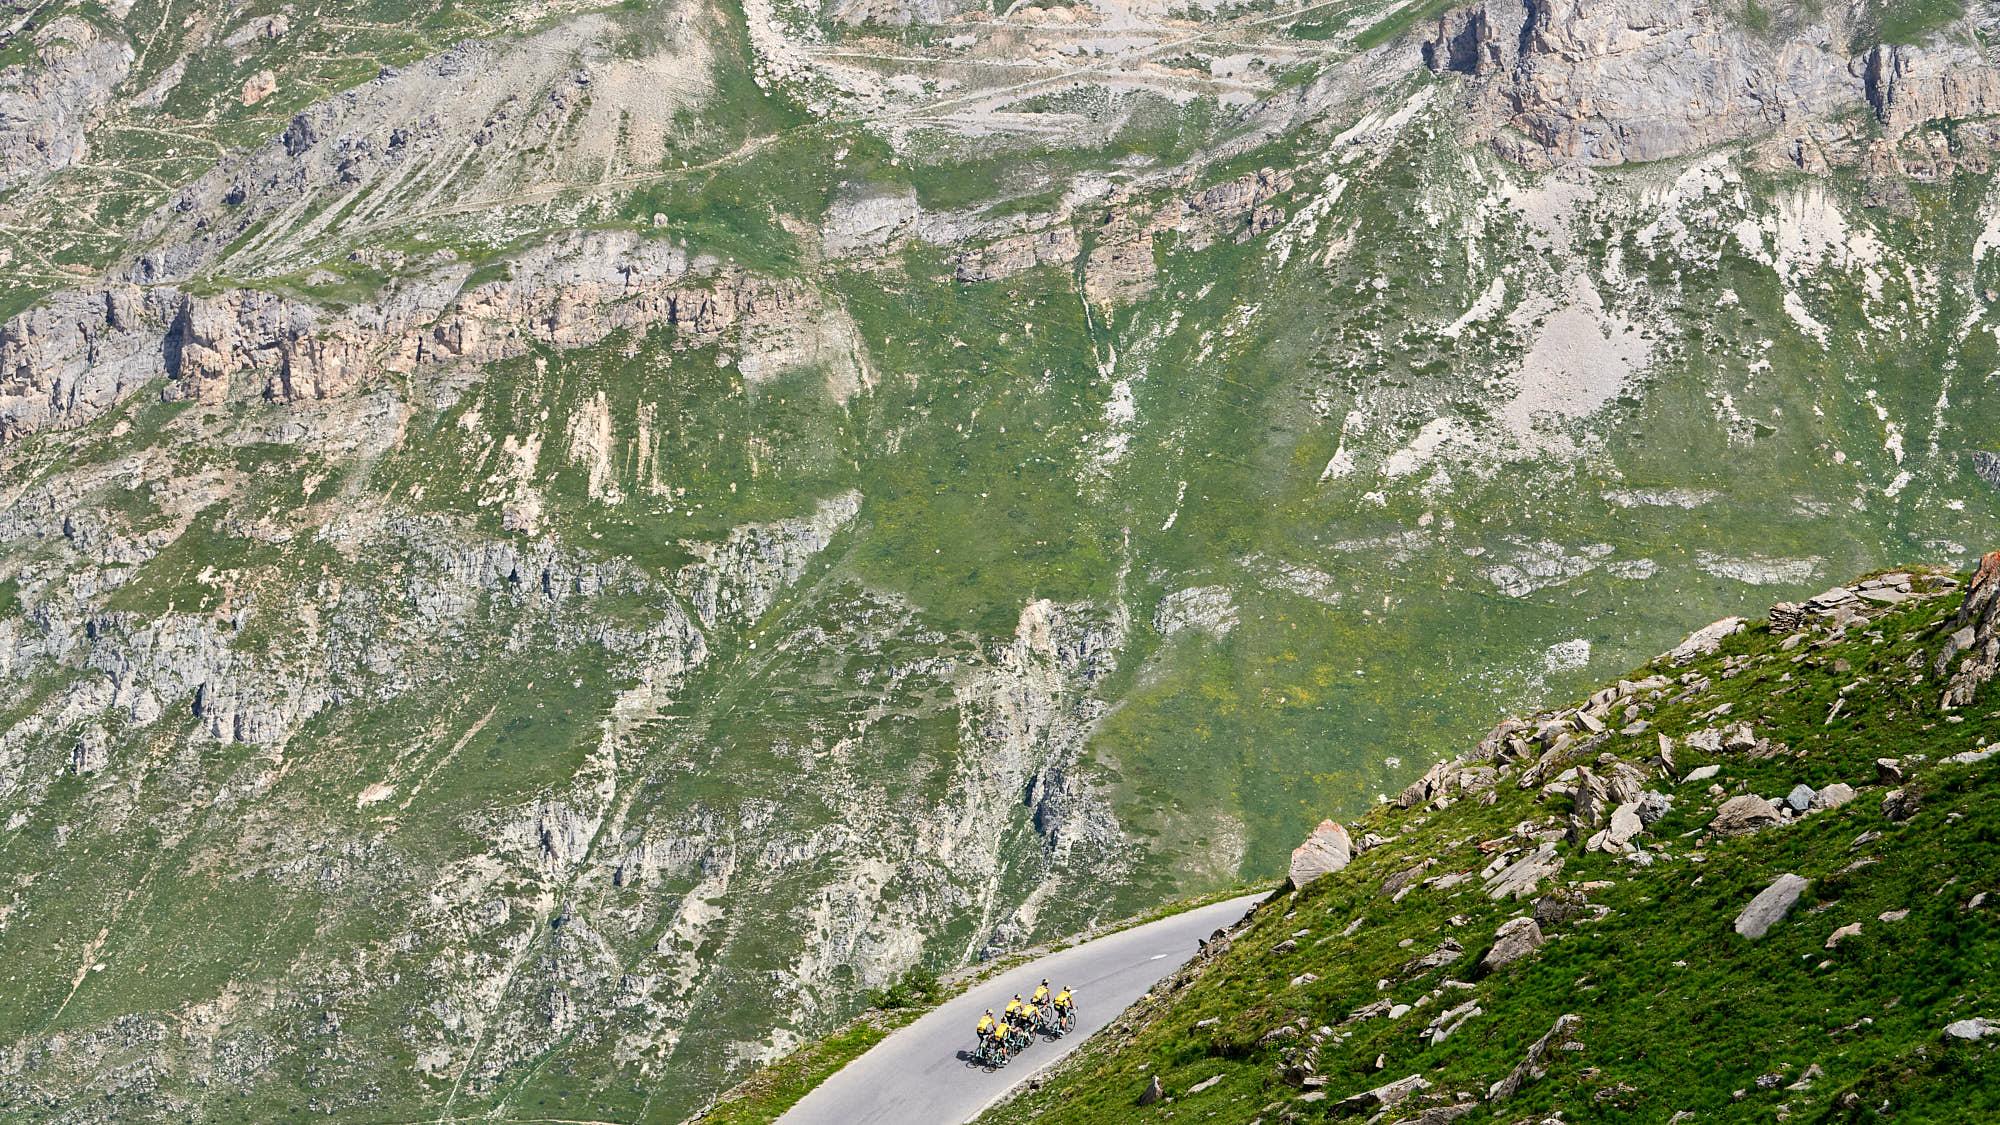 Landscape photo of Col de l'Iseran